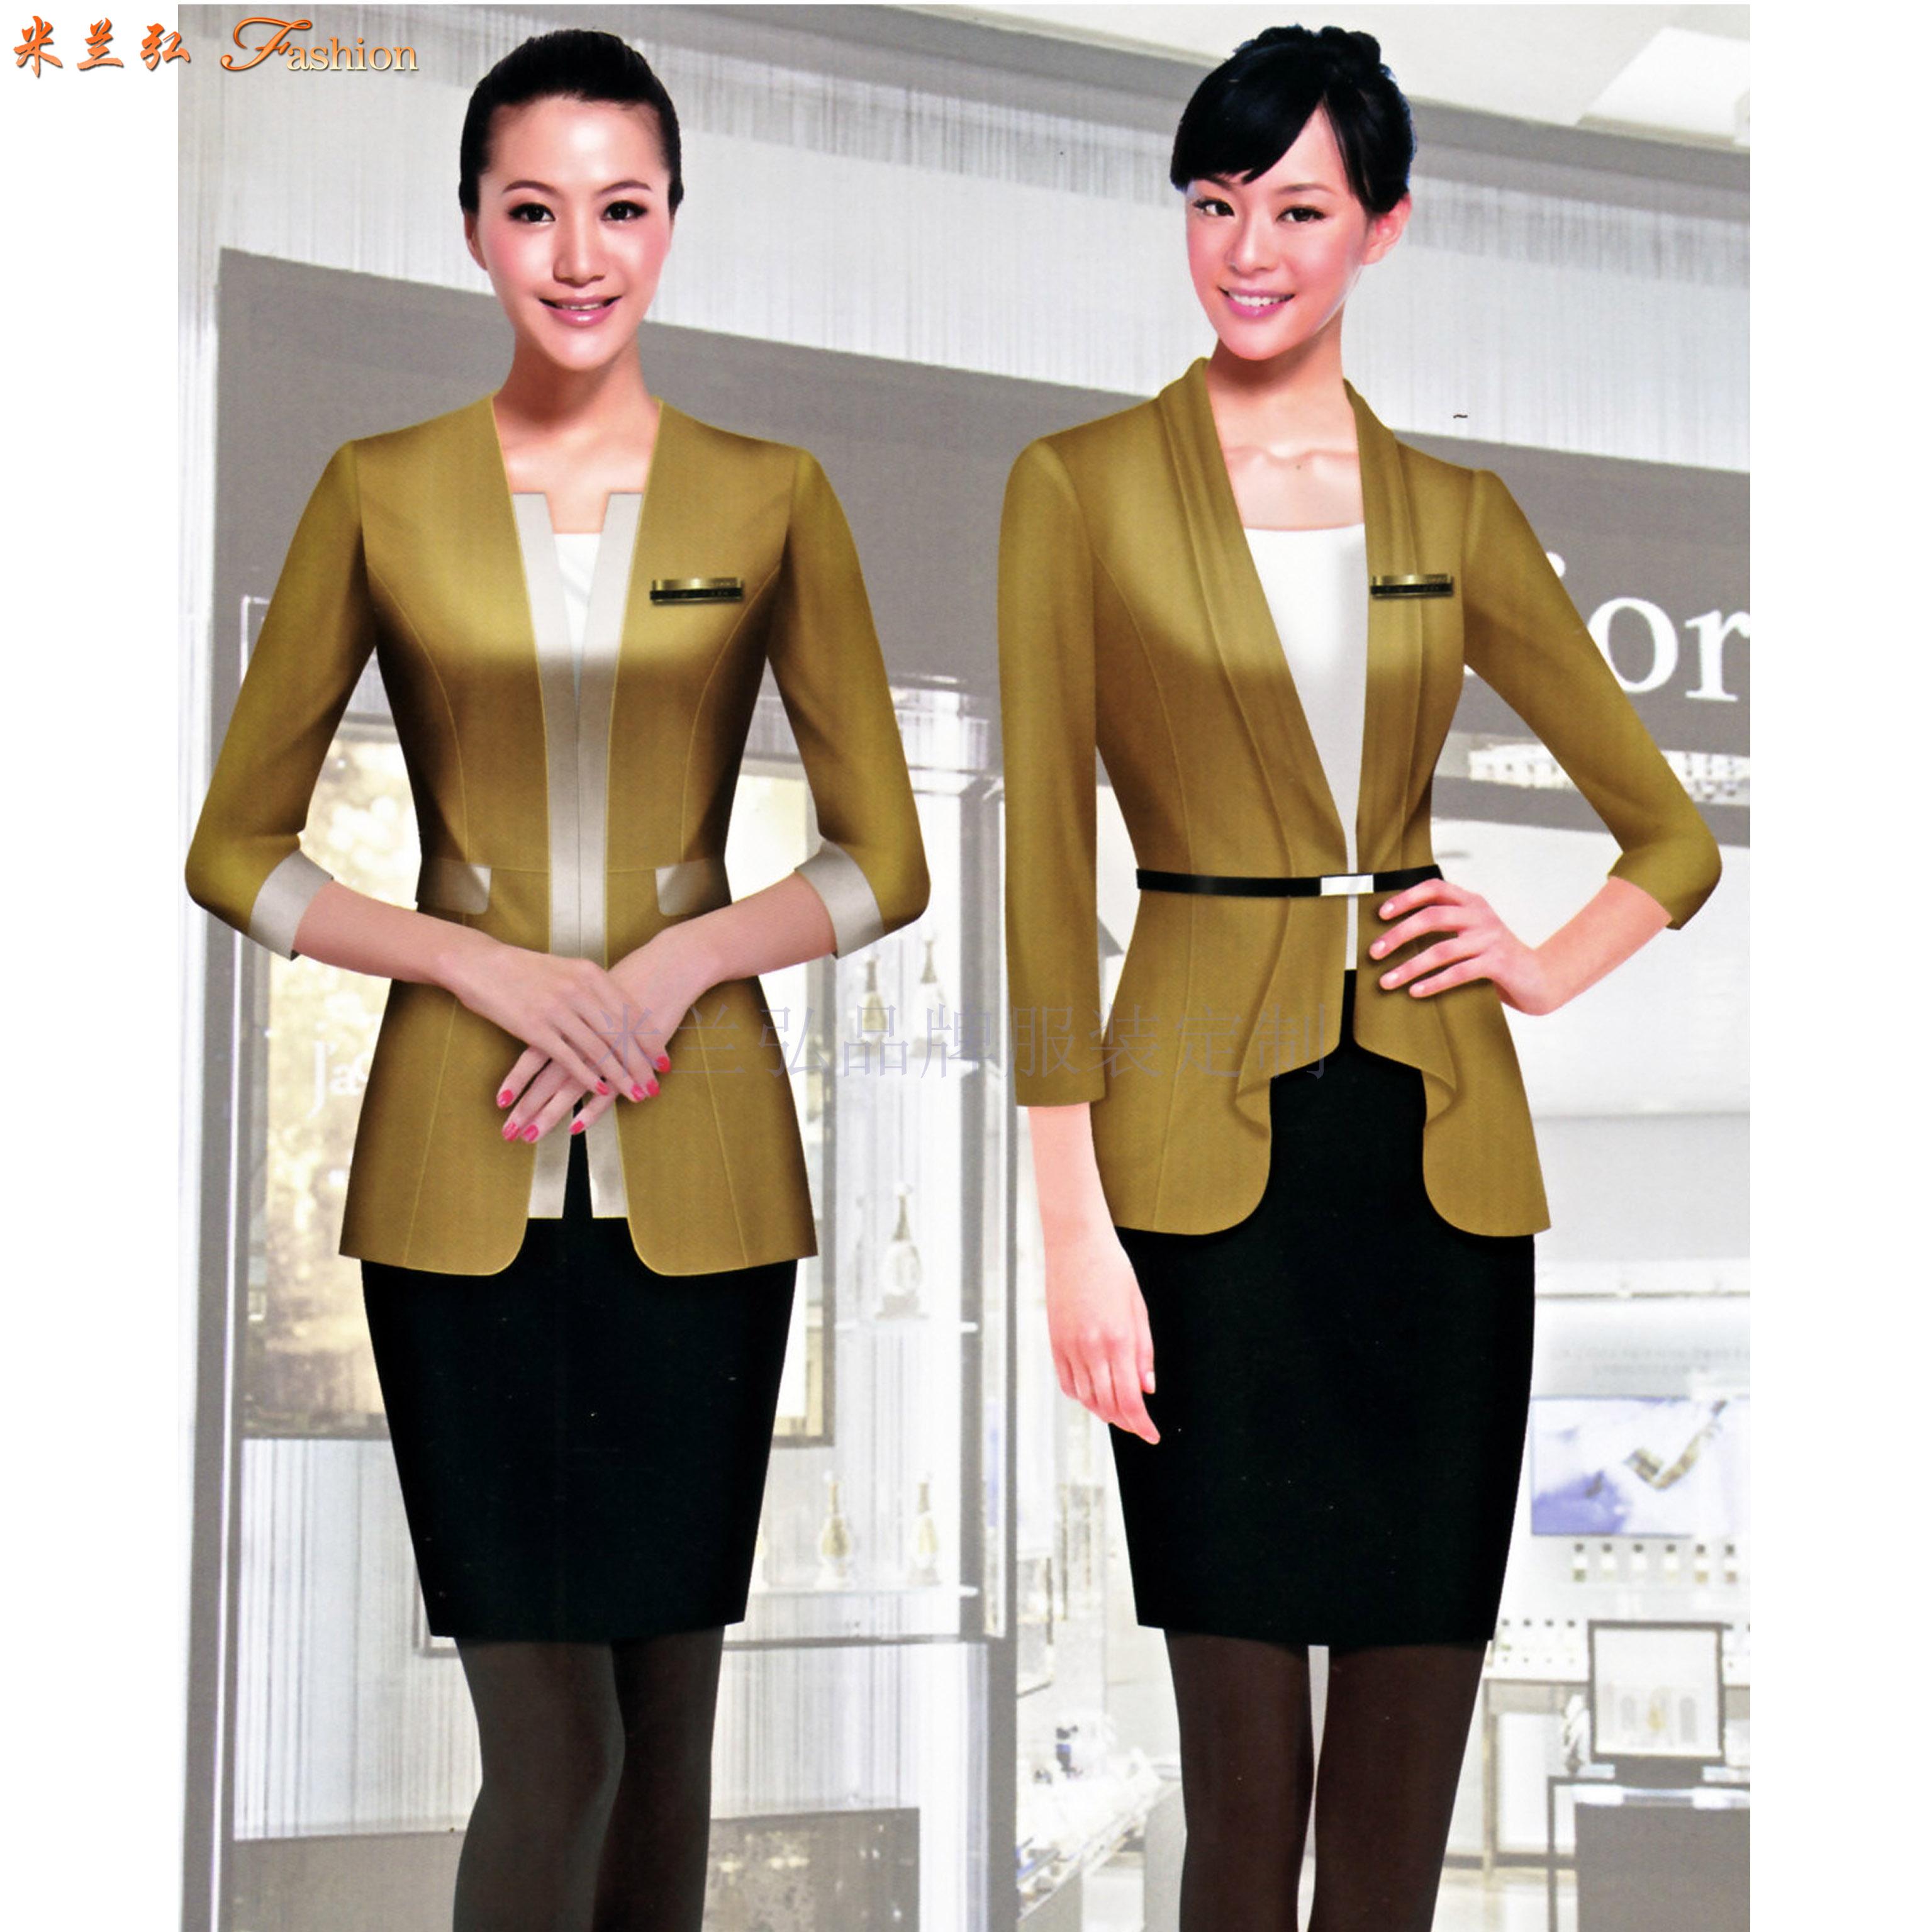 價格合理的職業裝定制-好看的女士職業裝圖片-米蘭弘服裝-5